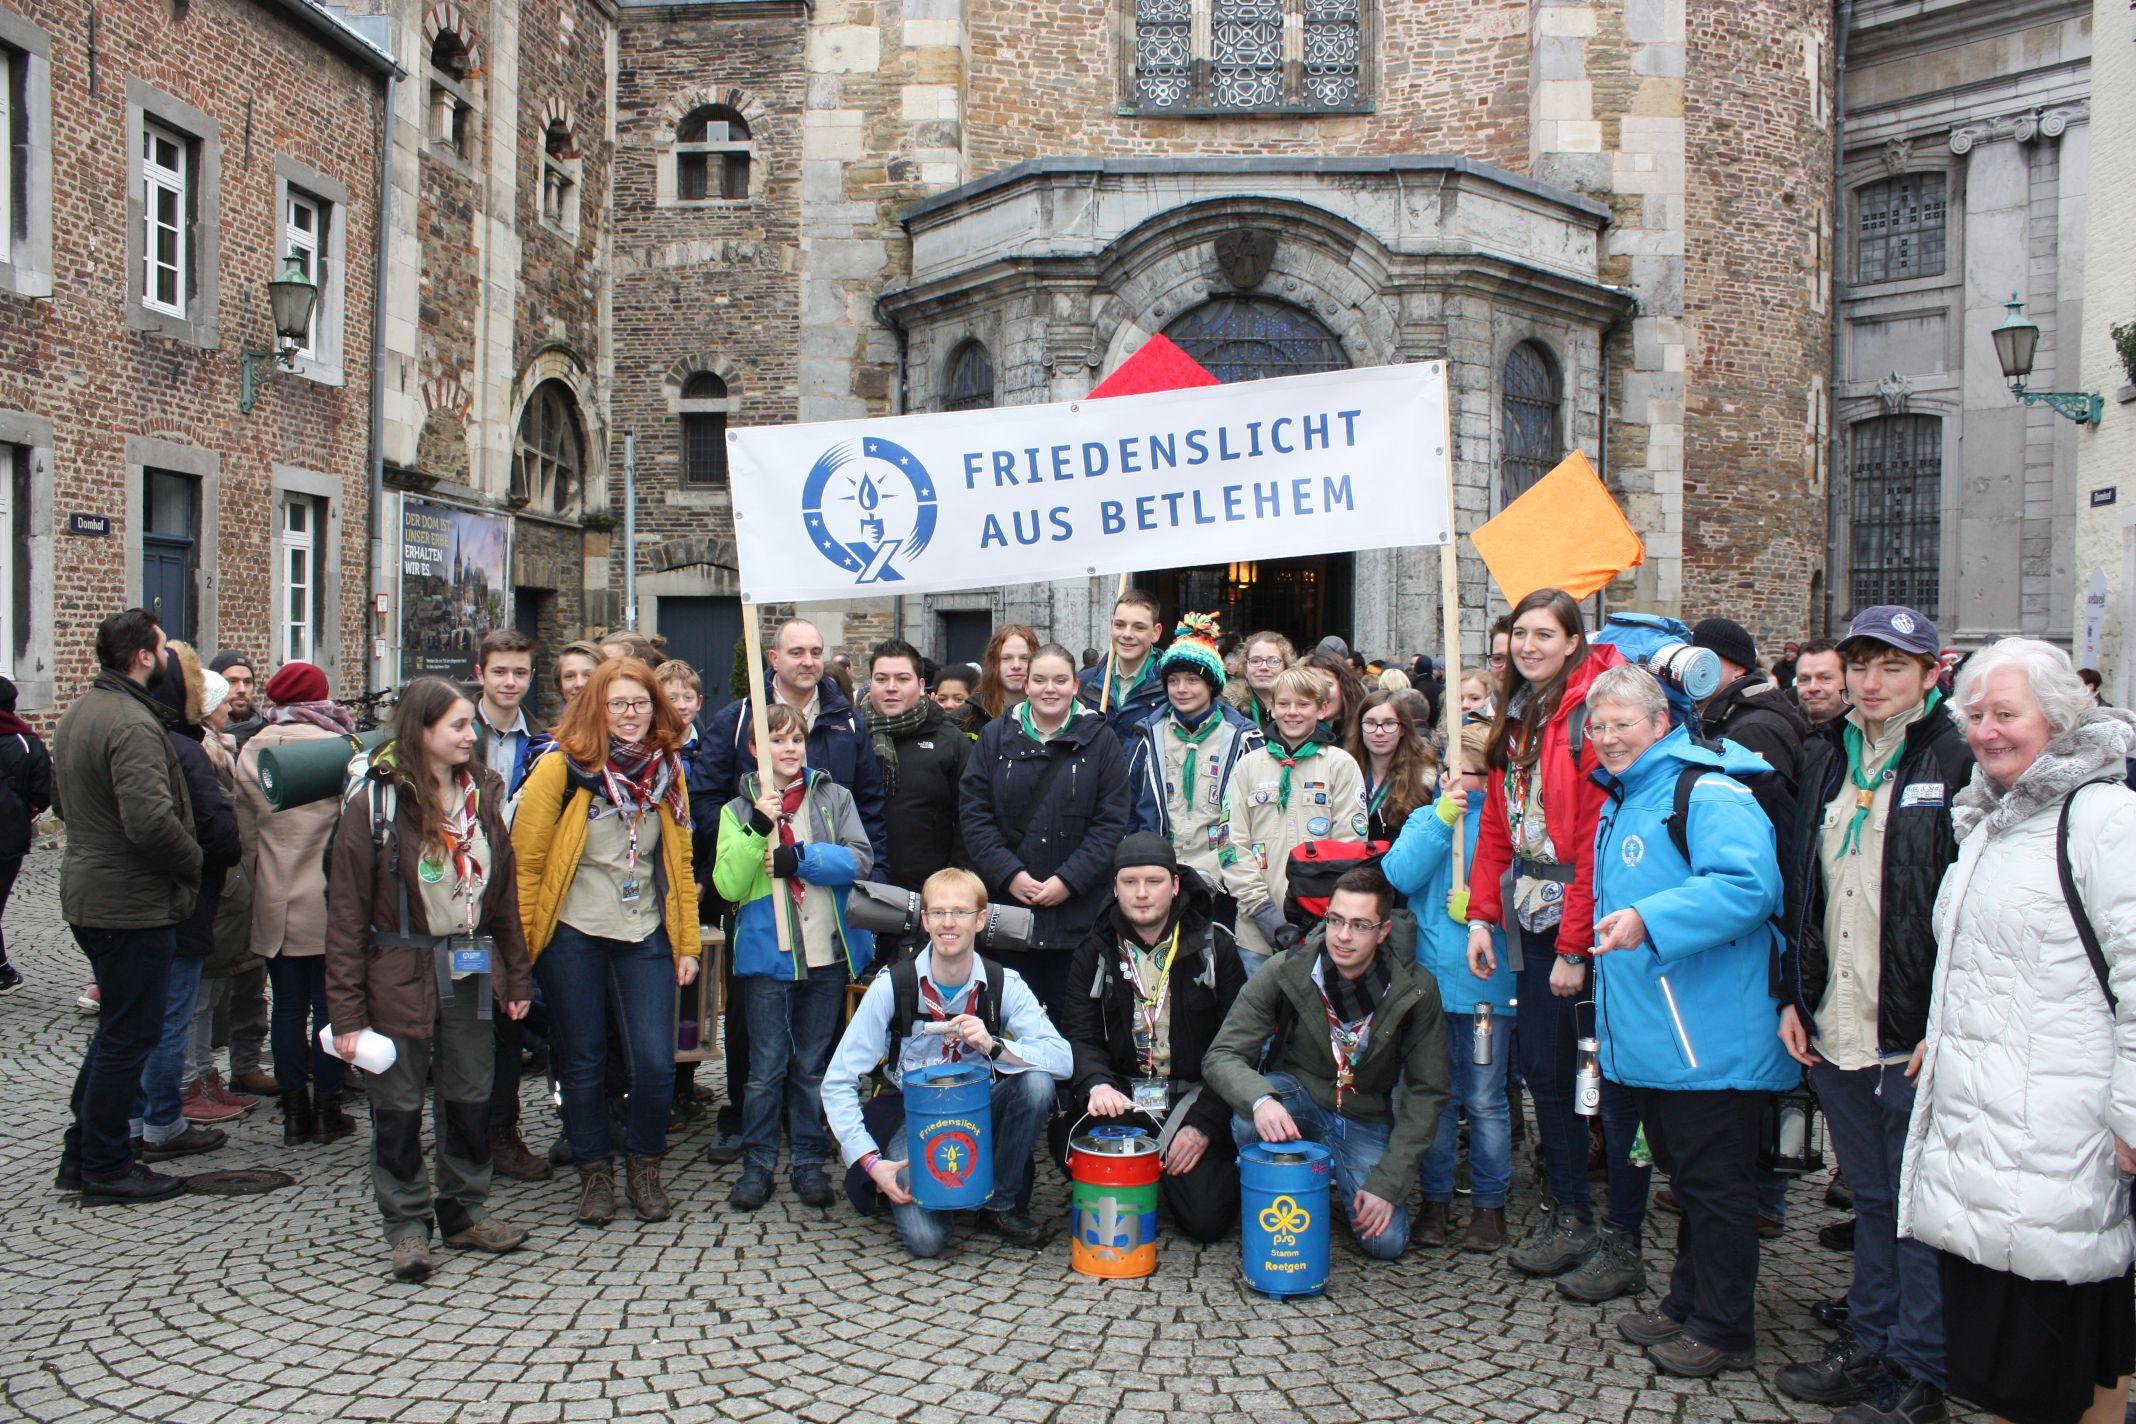 Der Friedenslichtzug erreicht den Aachener Dom